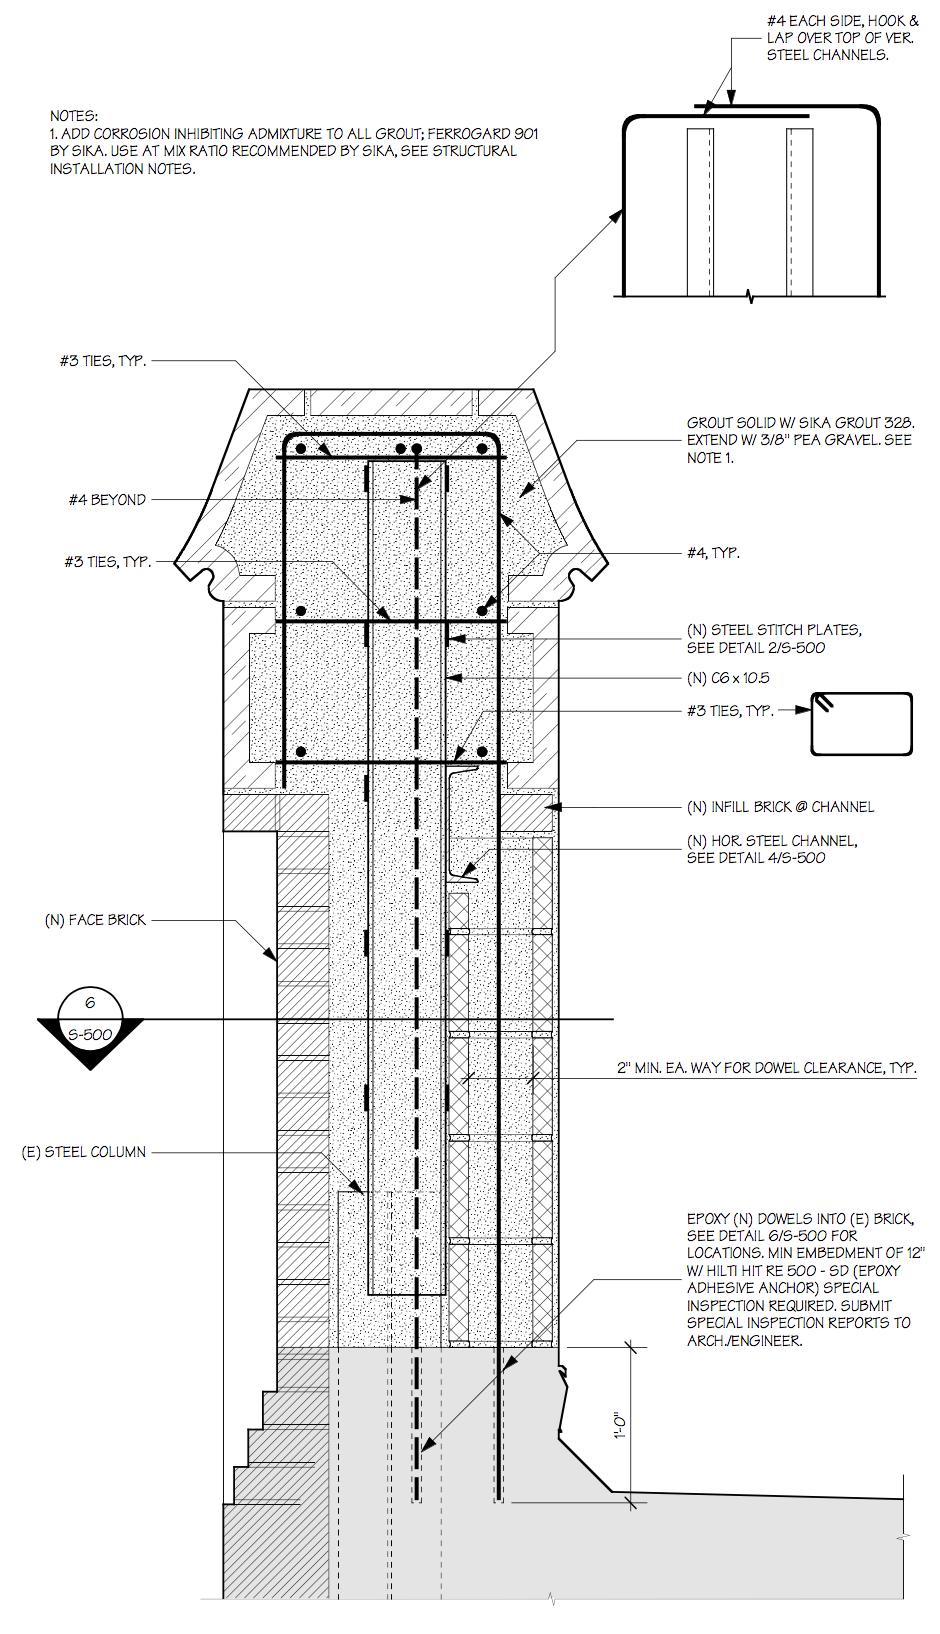 Parapet structural detail